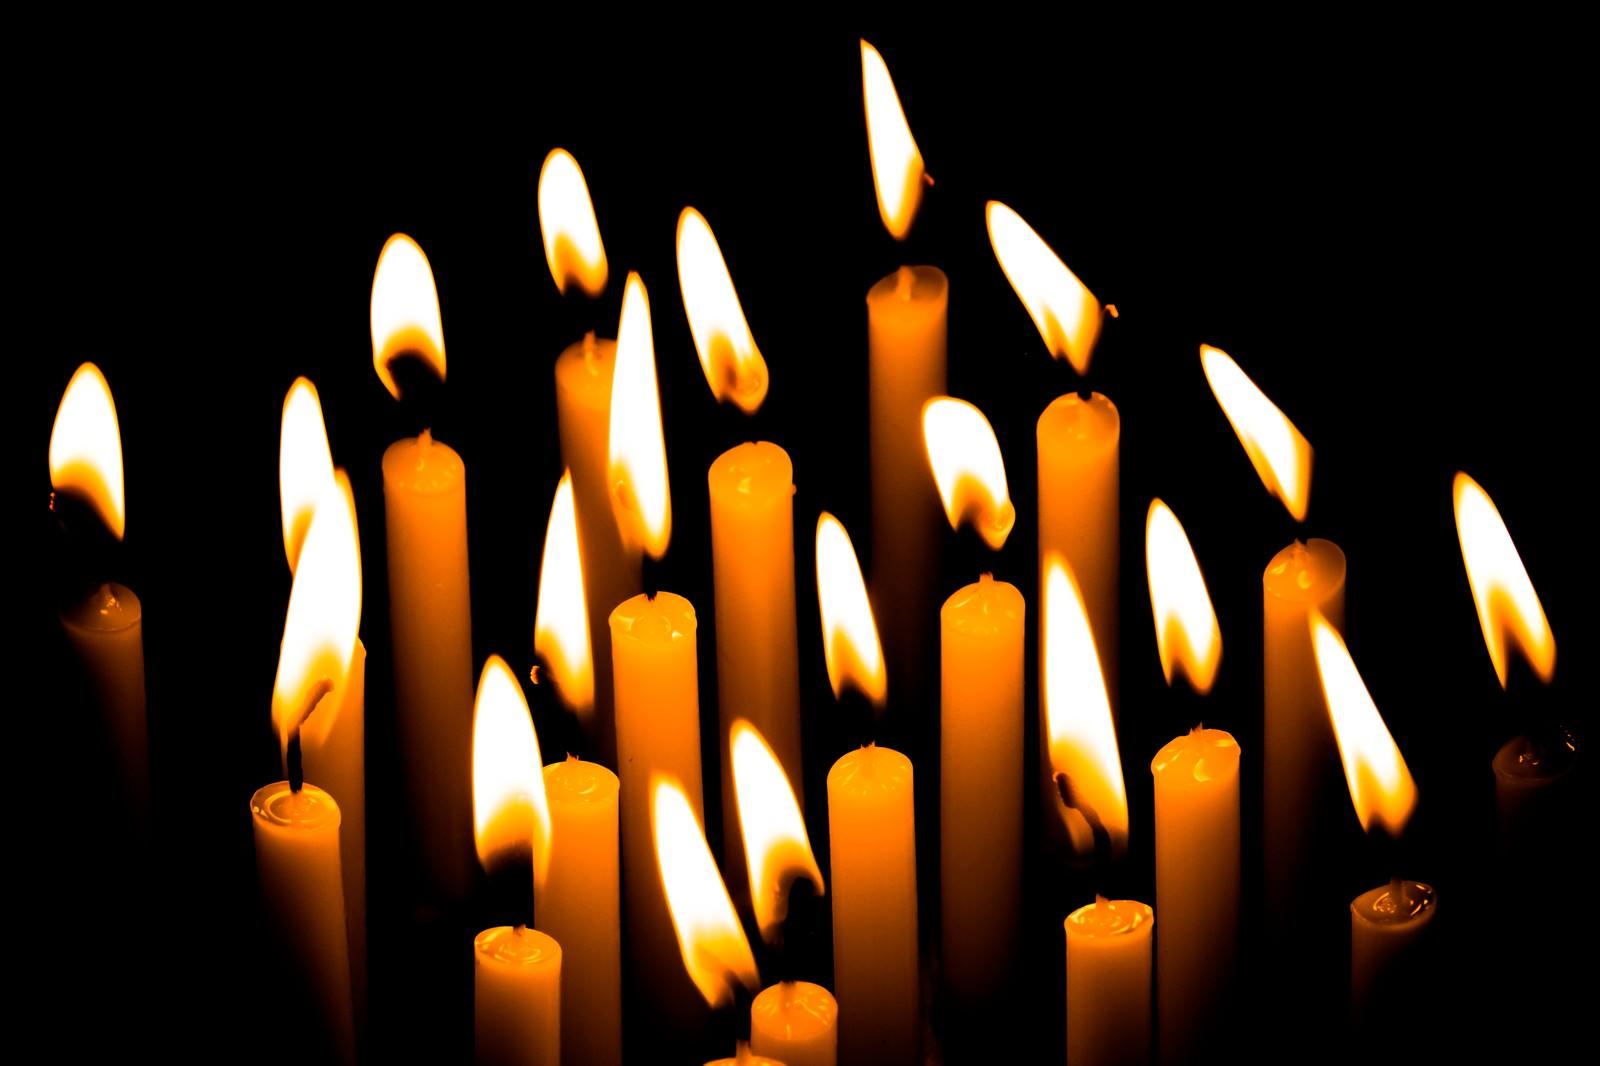 「複数の和蝋燭の灯り」の写真